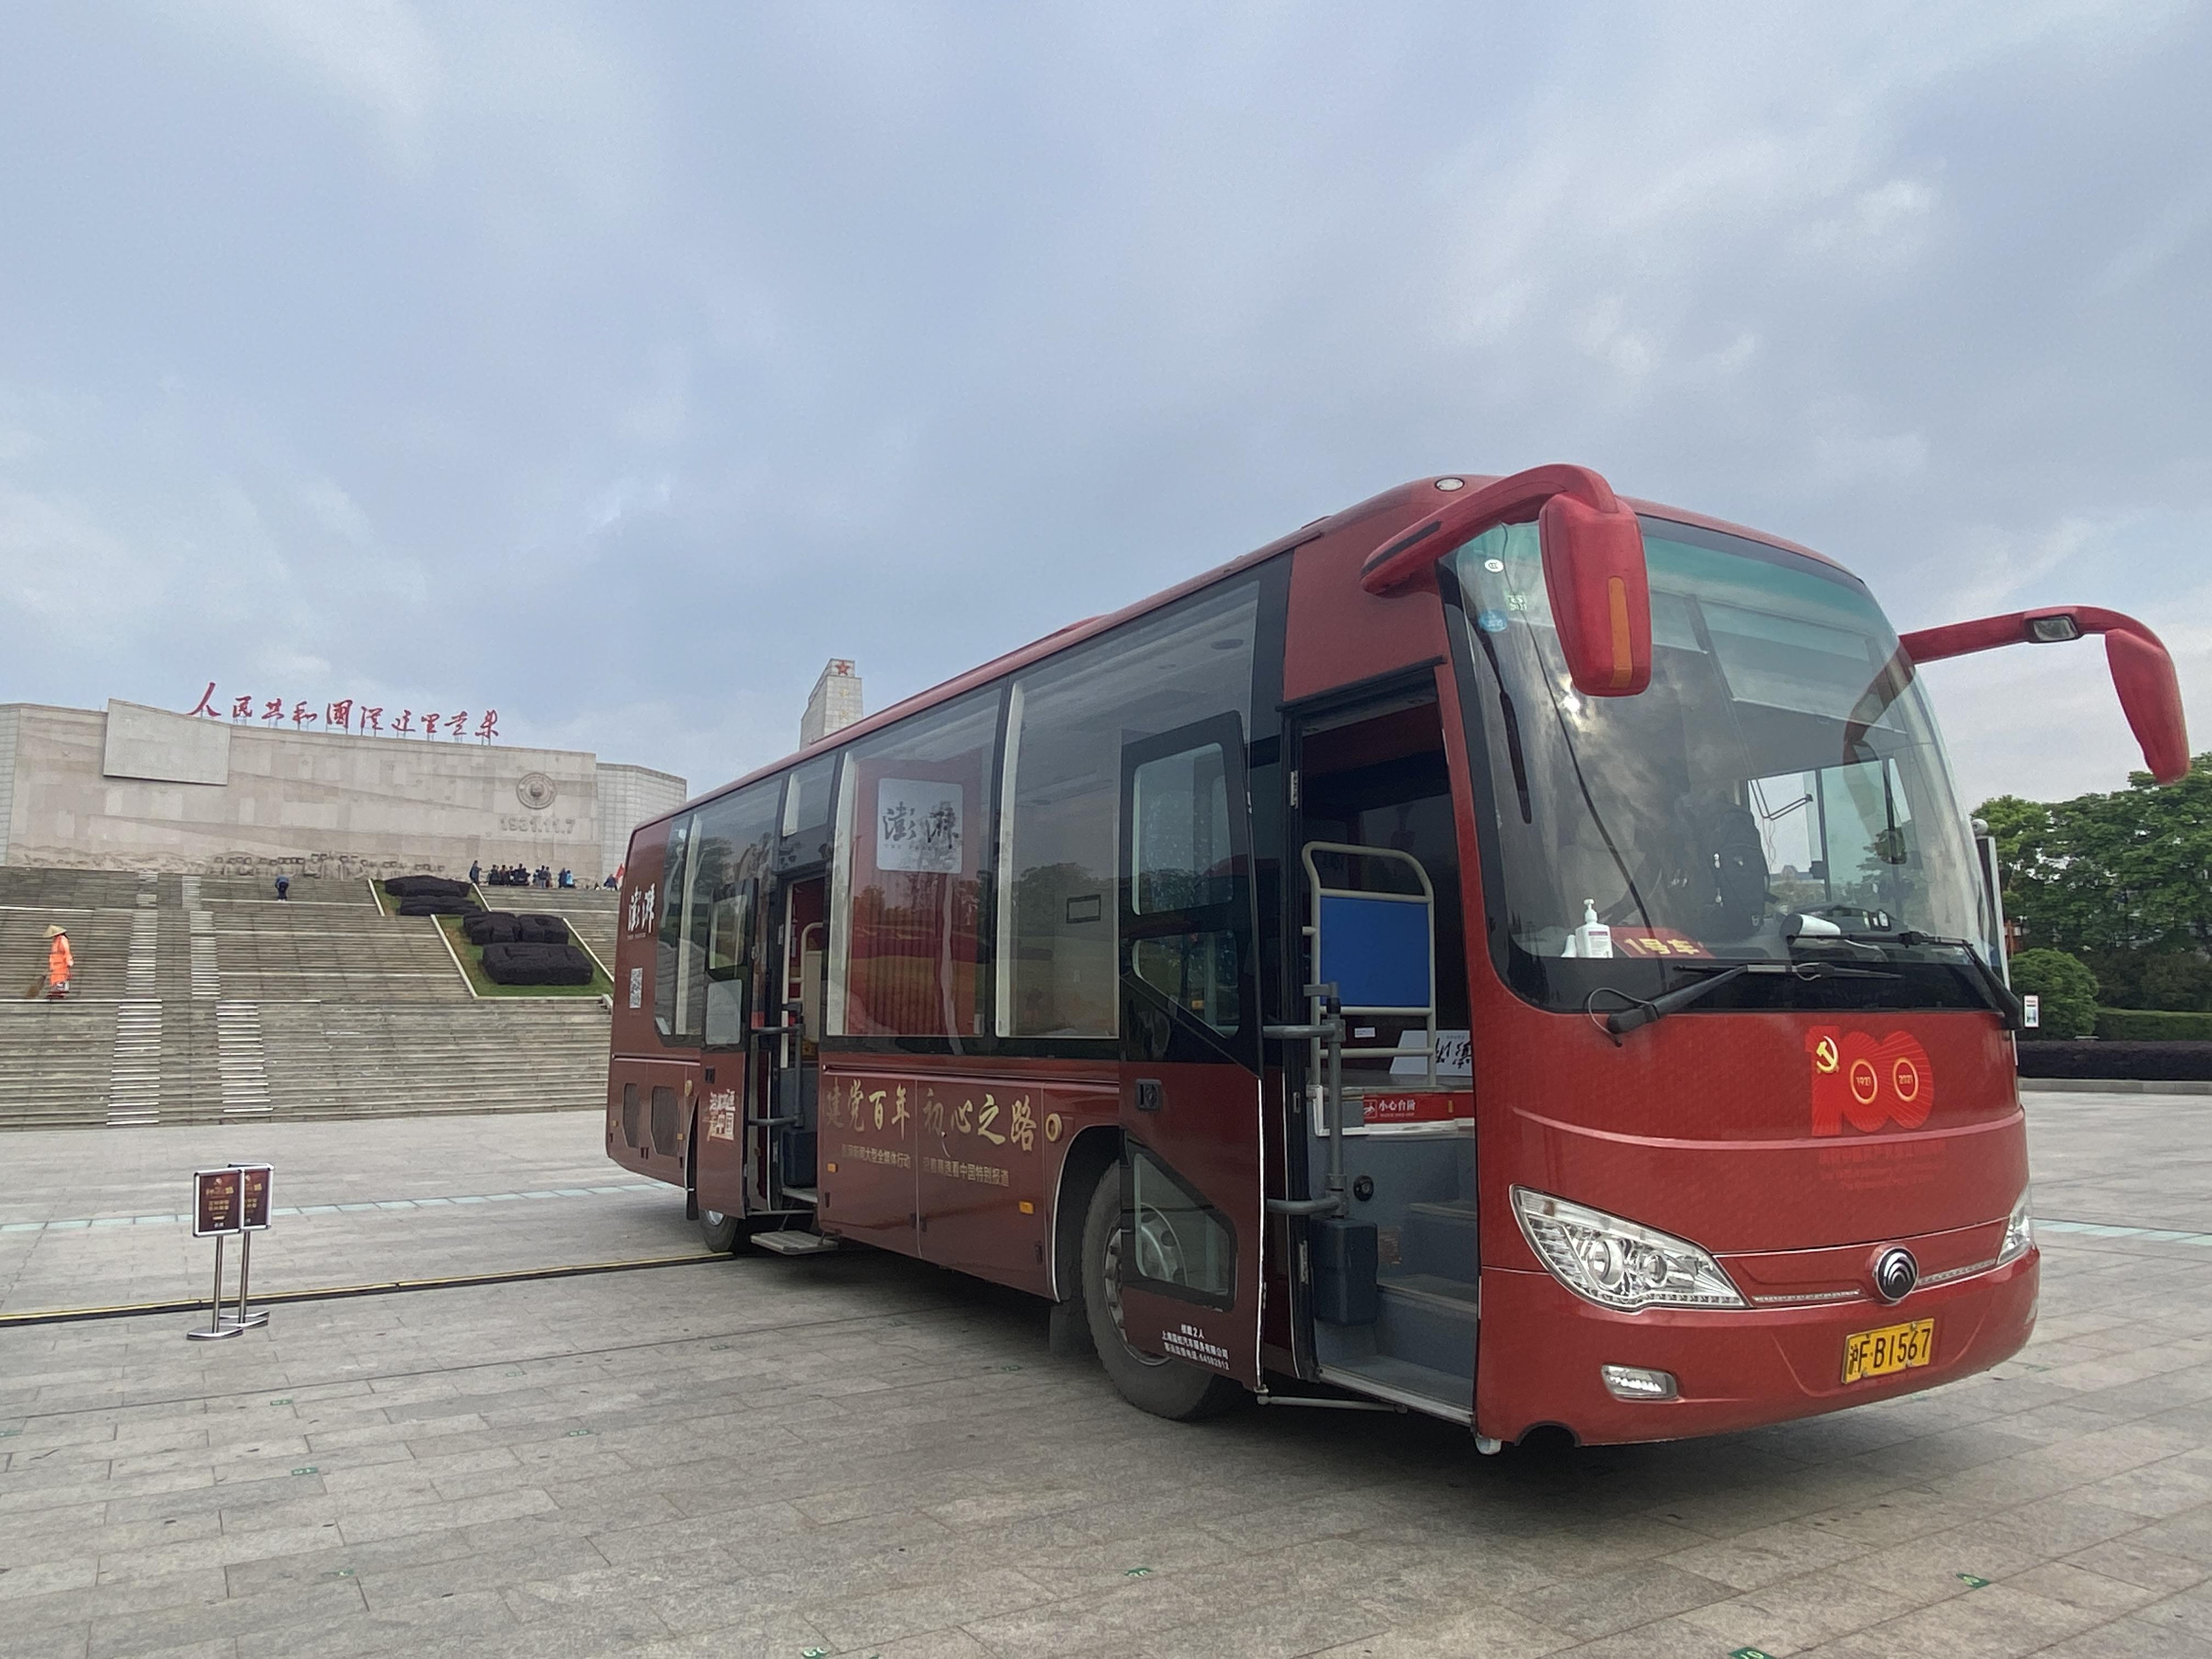 4月7日上午,澎湃新闻红色全媒体巡展大巴将在中央革命根据地历史博物馆前开放。澎湃新闻见习记者 孟梓丞 图